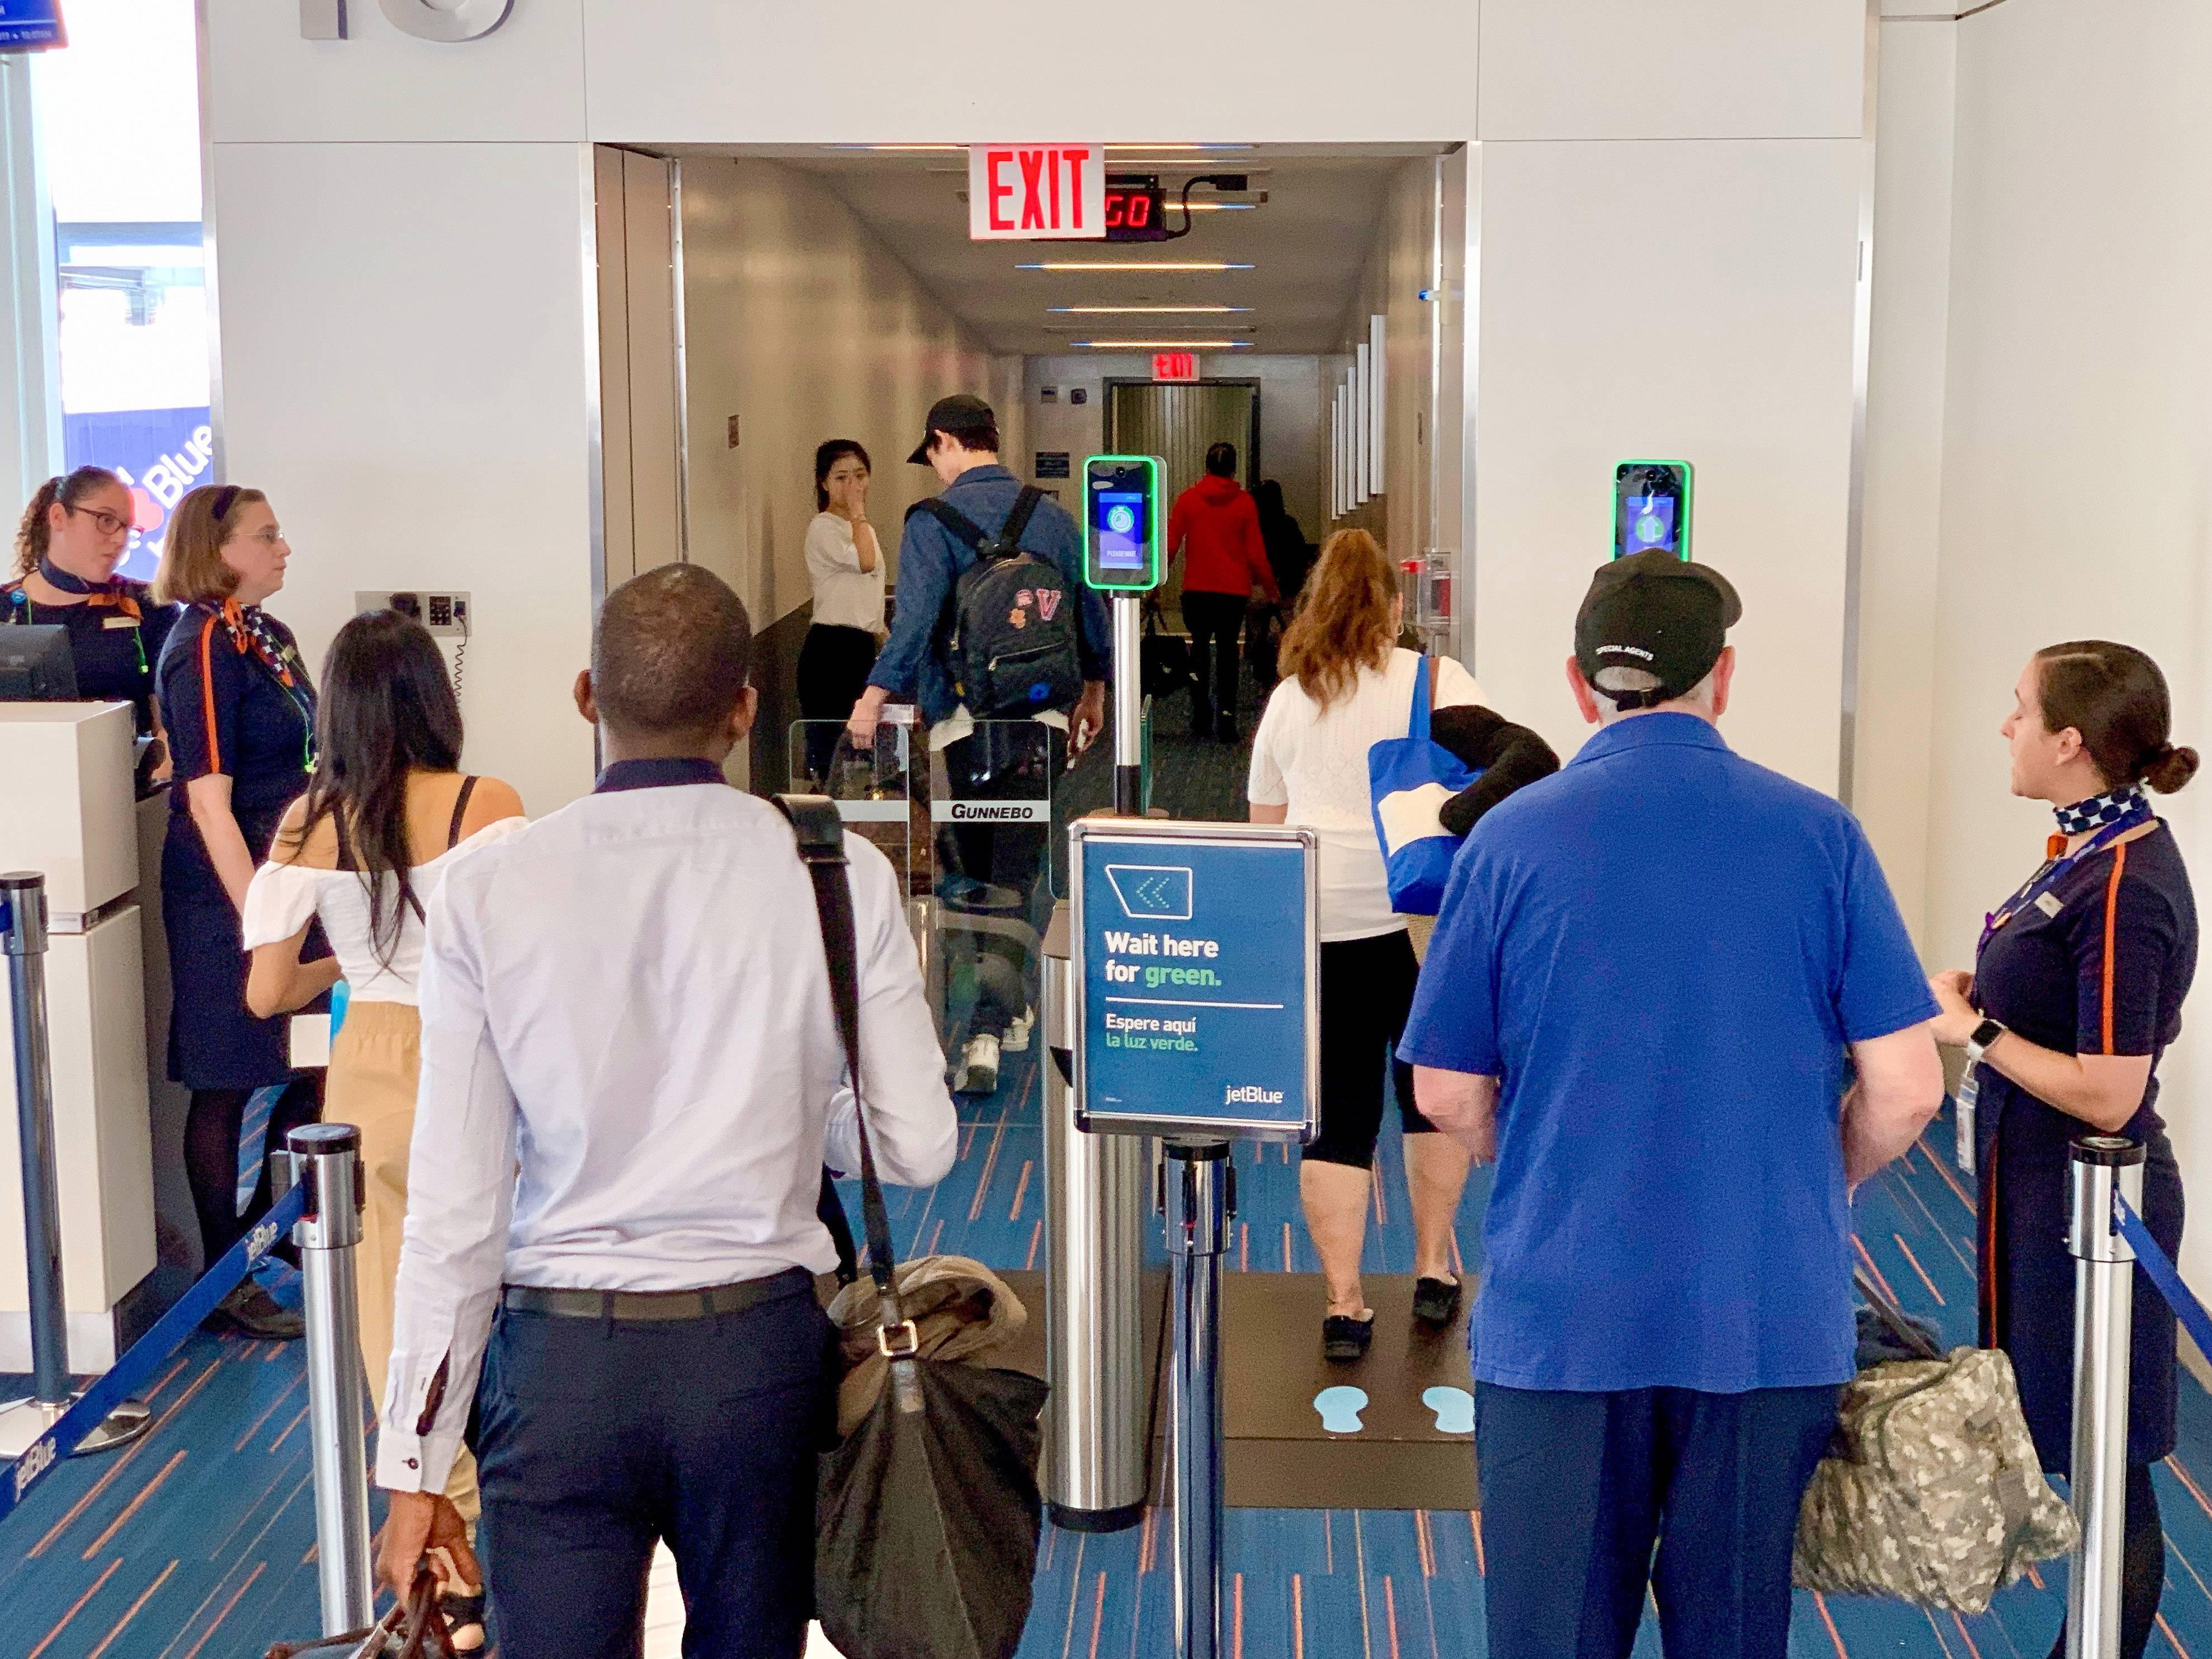 Reconhecimento facial no portão eletrônico da JetBlue, no aeroporto JFK, em Nova York. Foto: Geoffrey A. Fowler/Washington Post